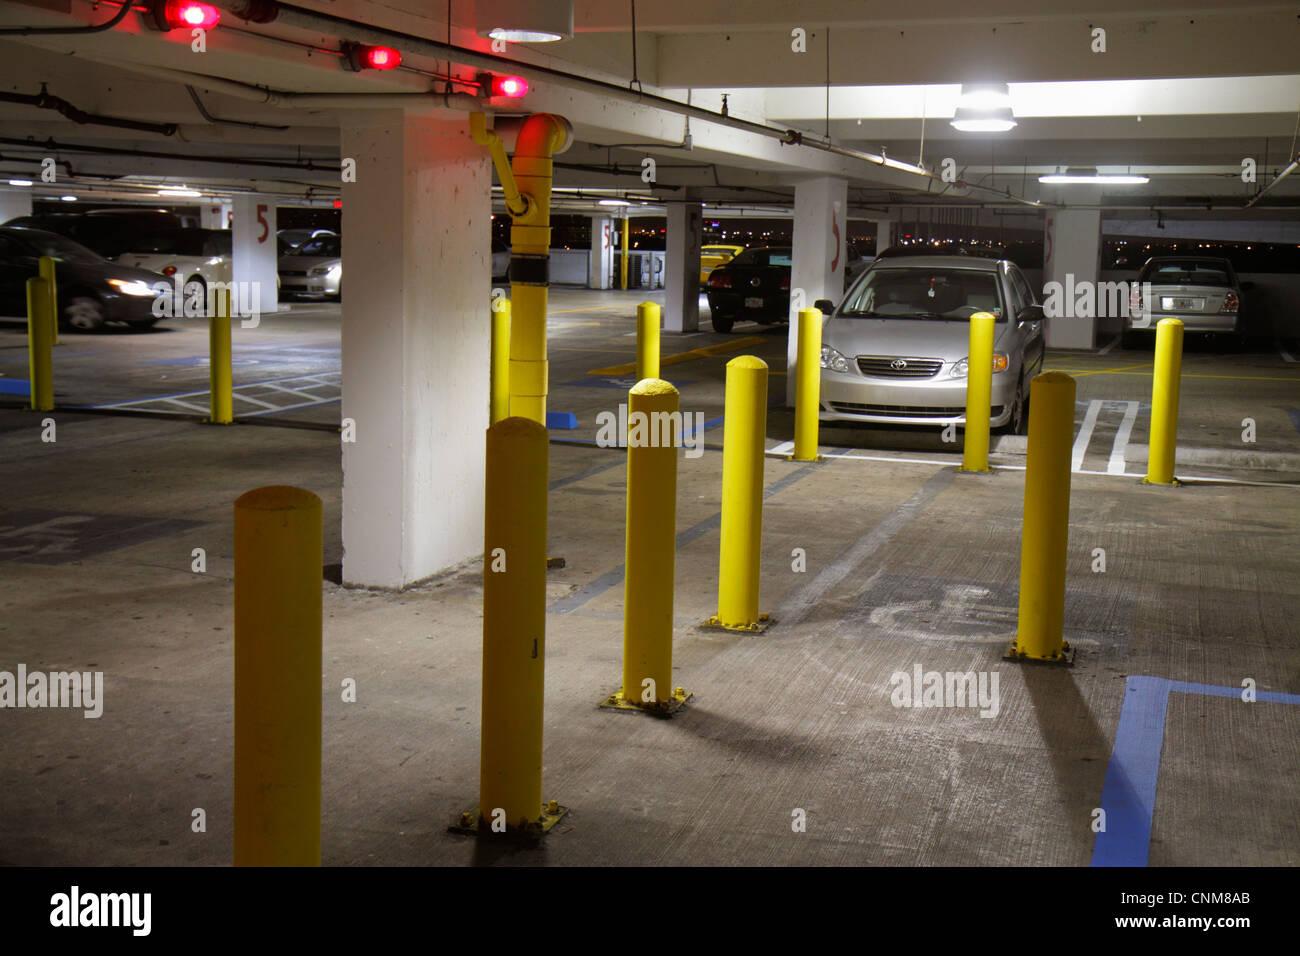 Miami florida garage pubblico illuminazione notturna foto